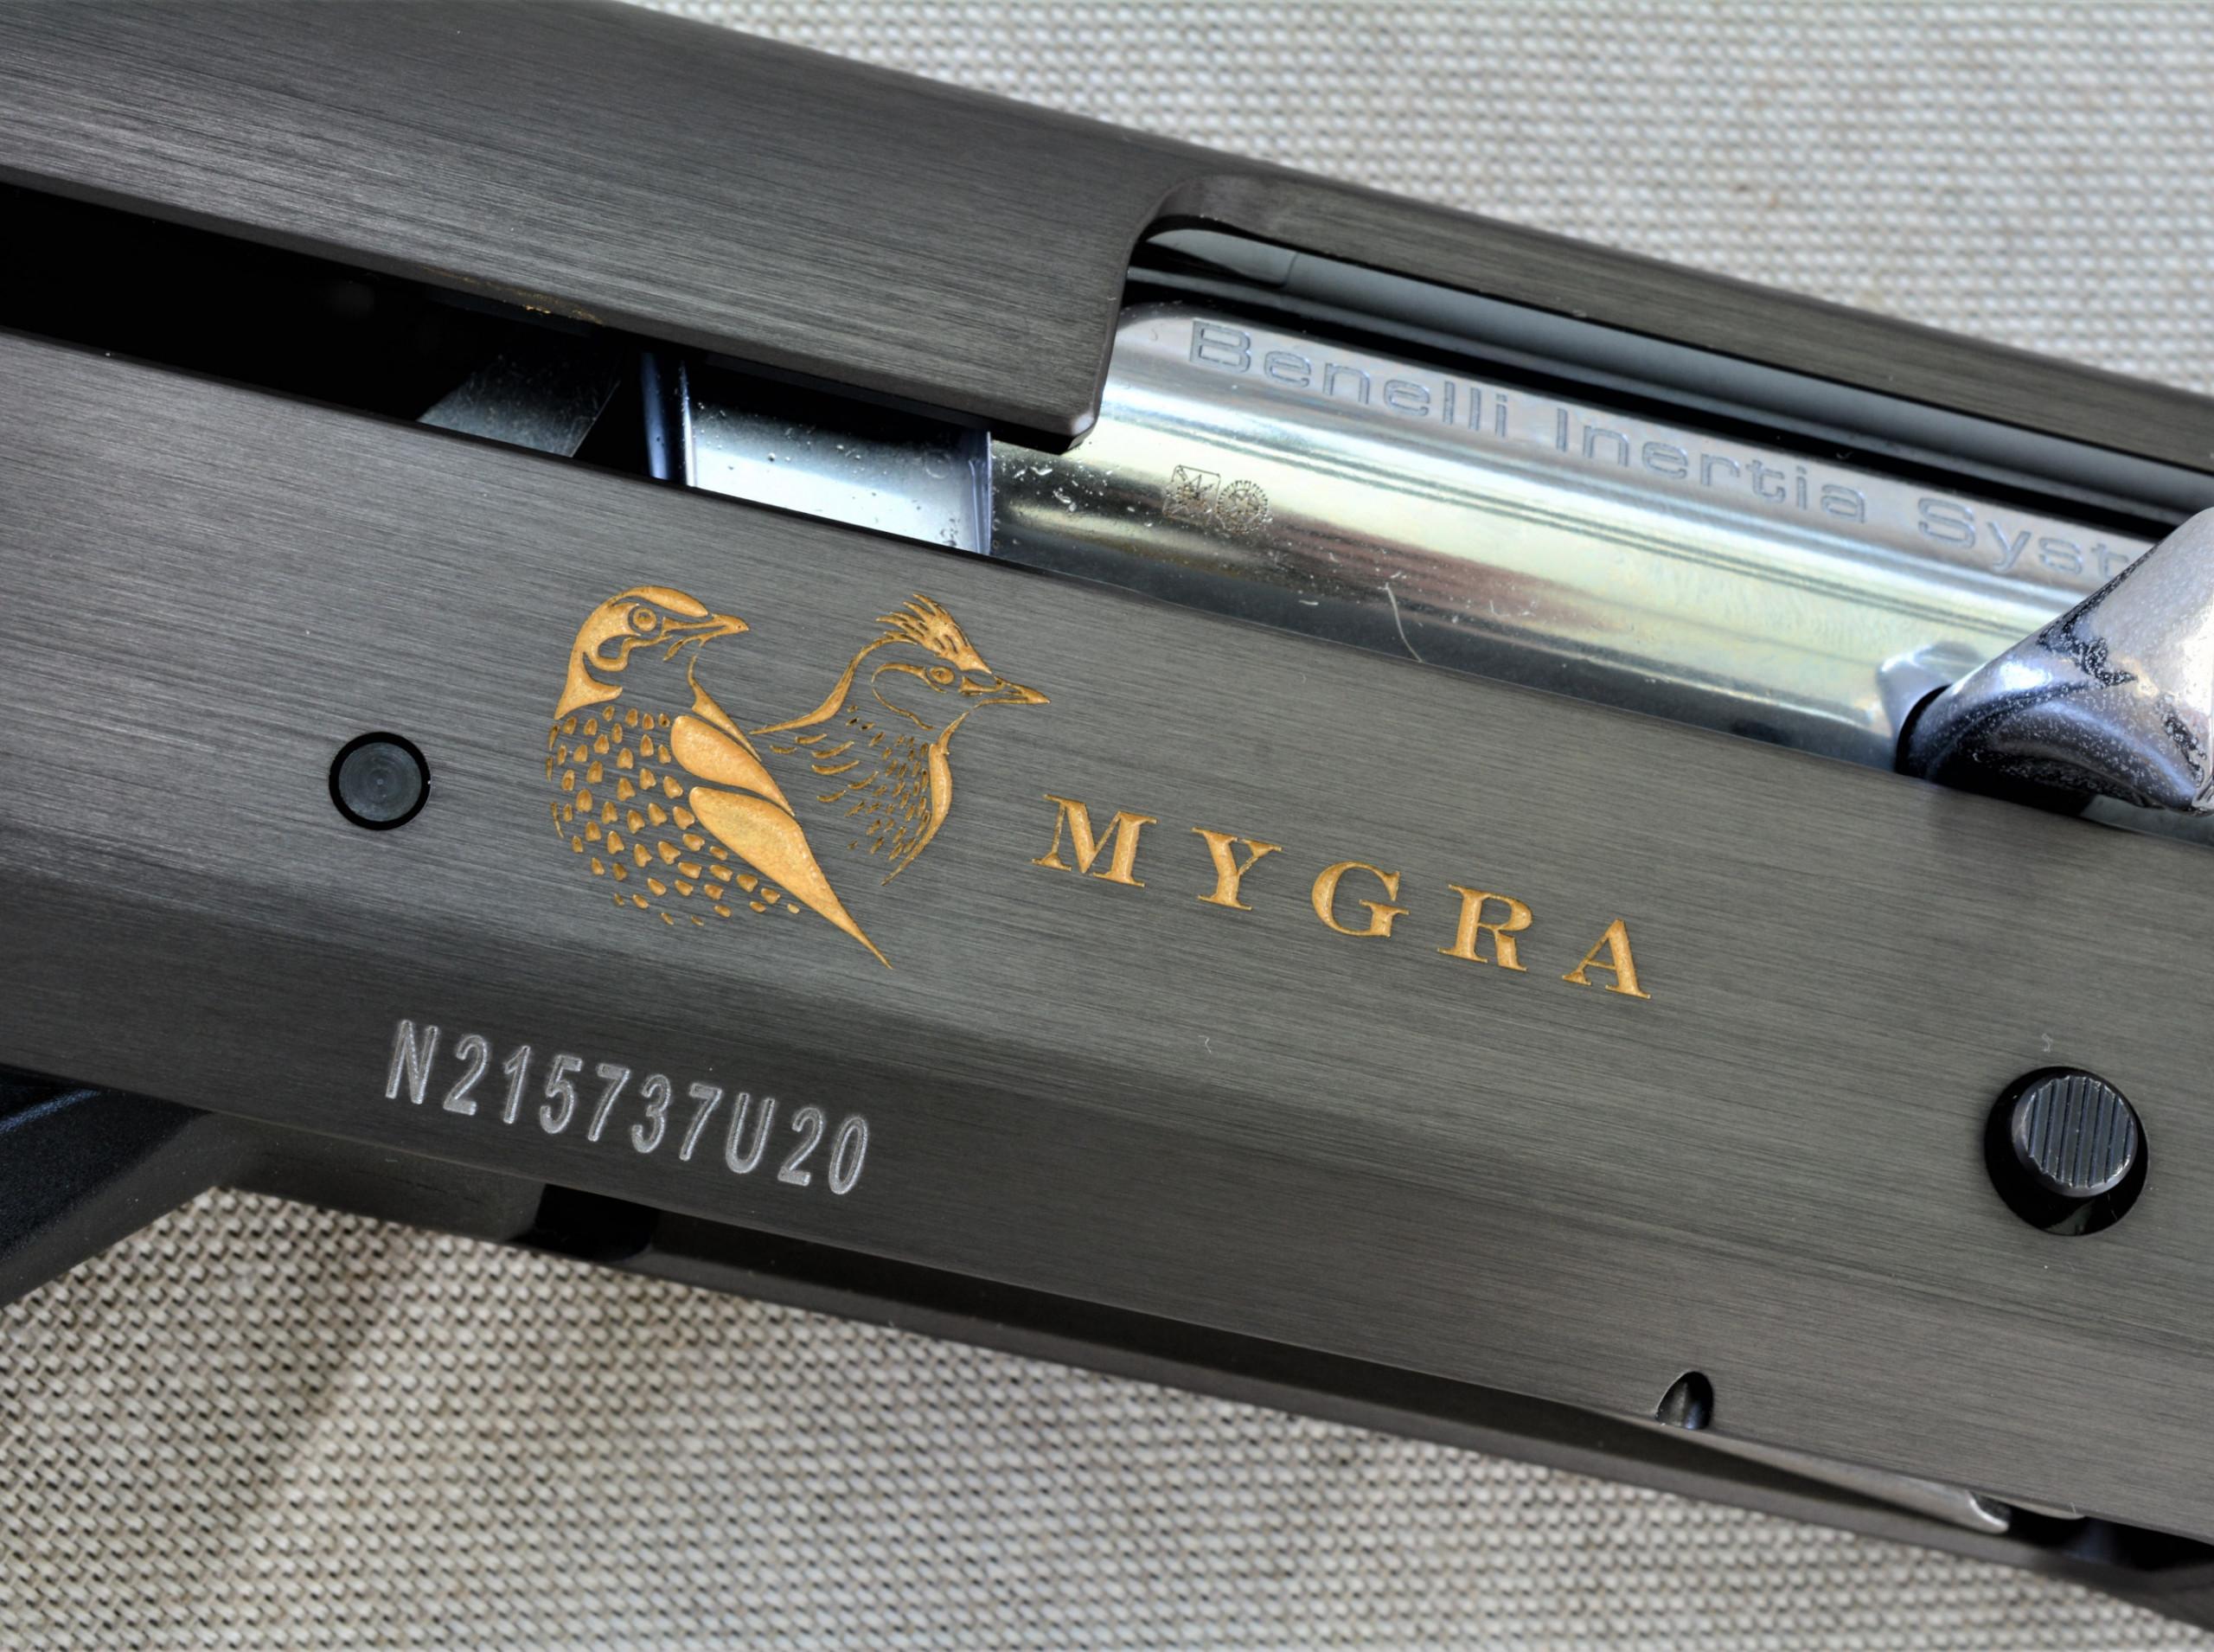 mygra, finitura della carcassa